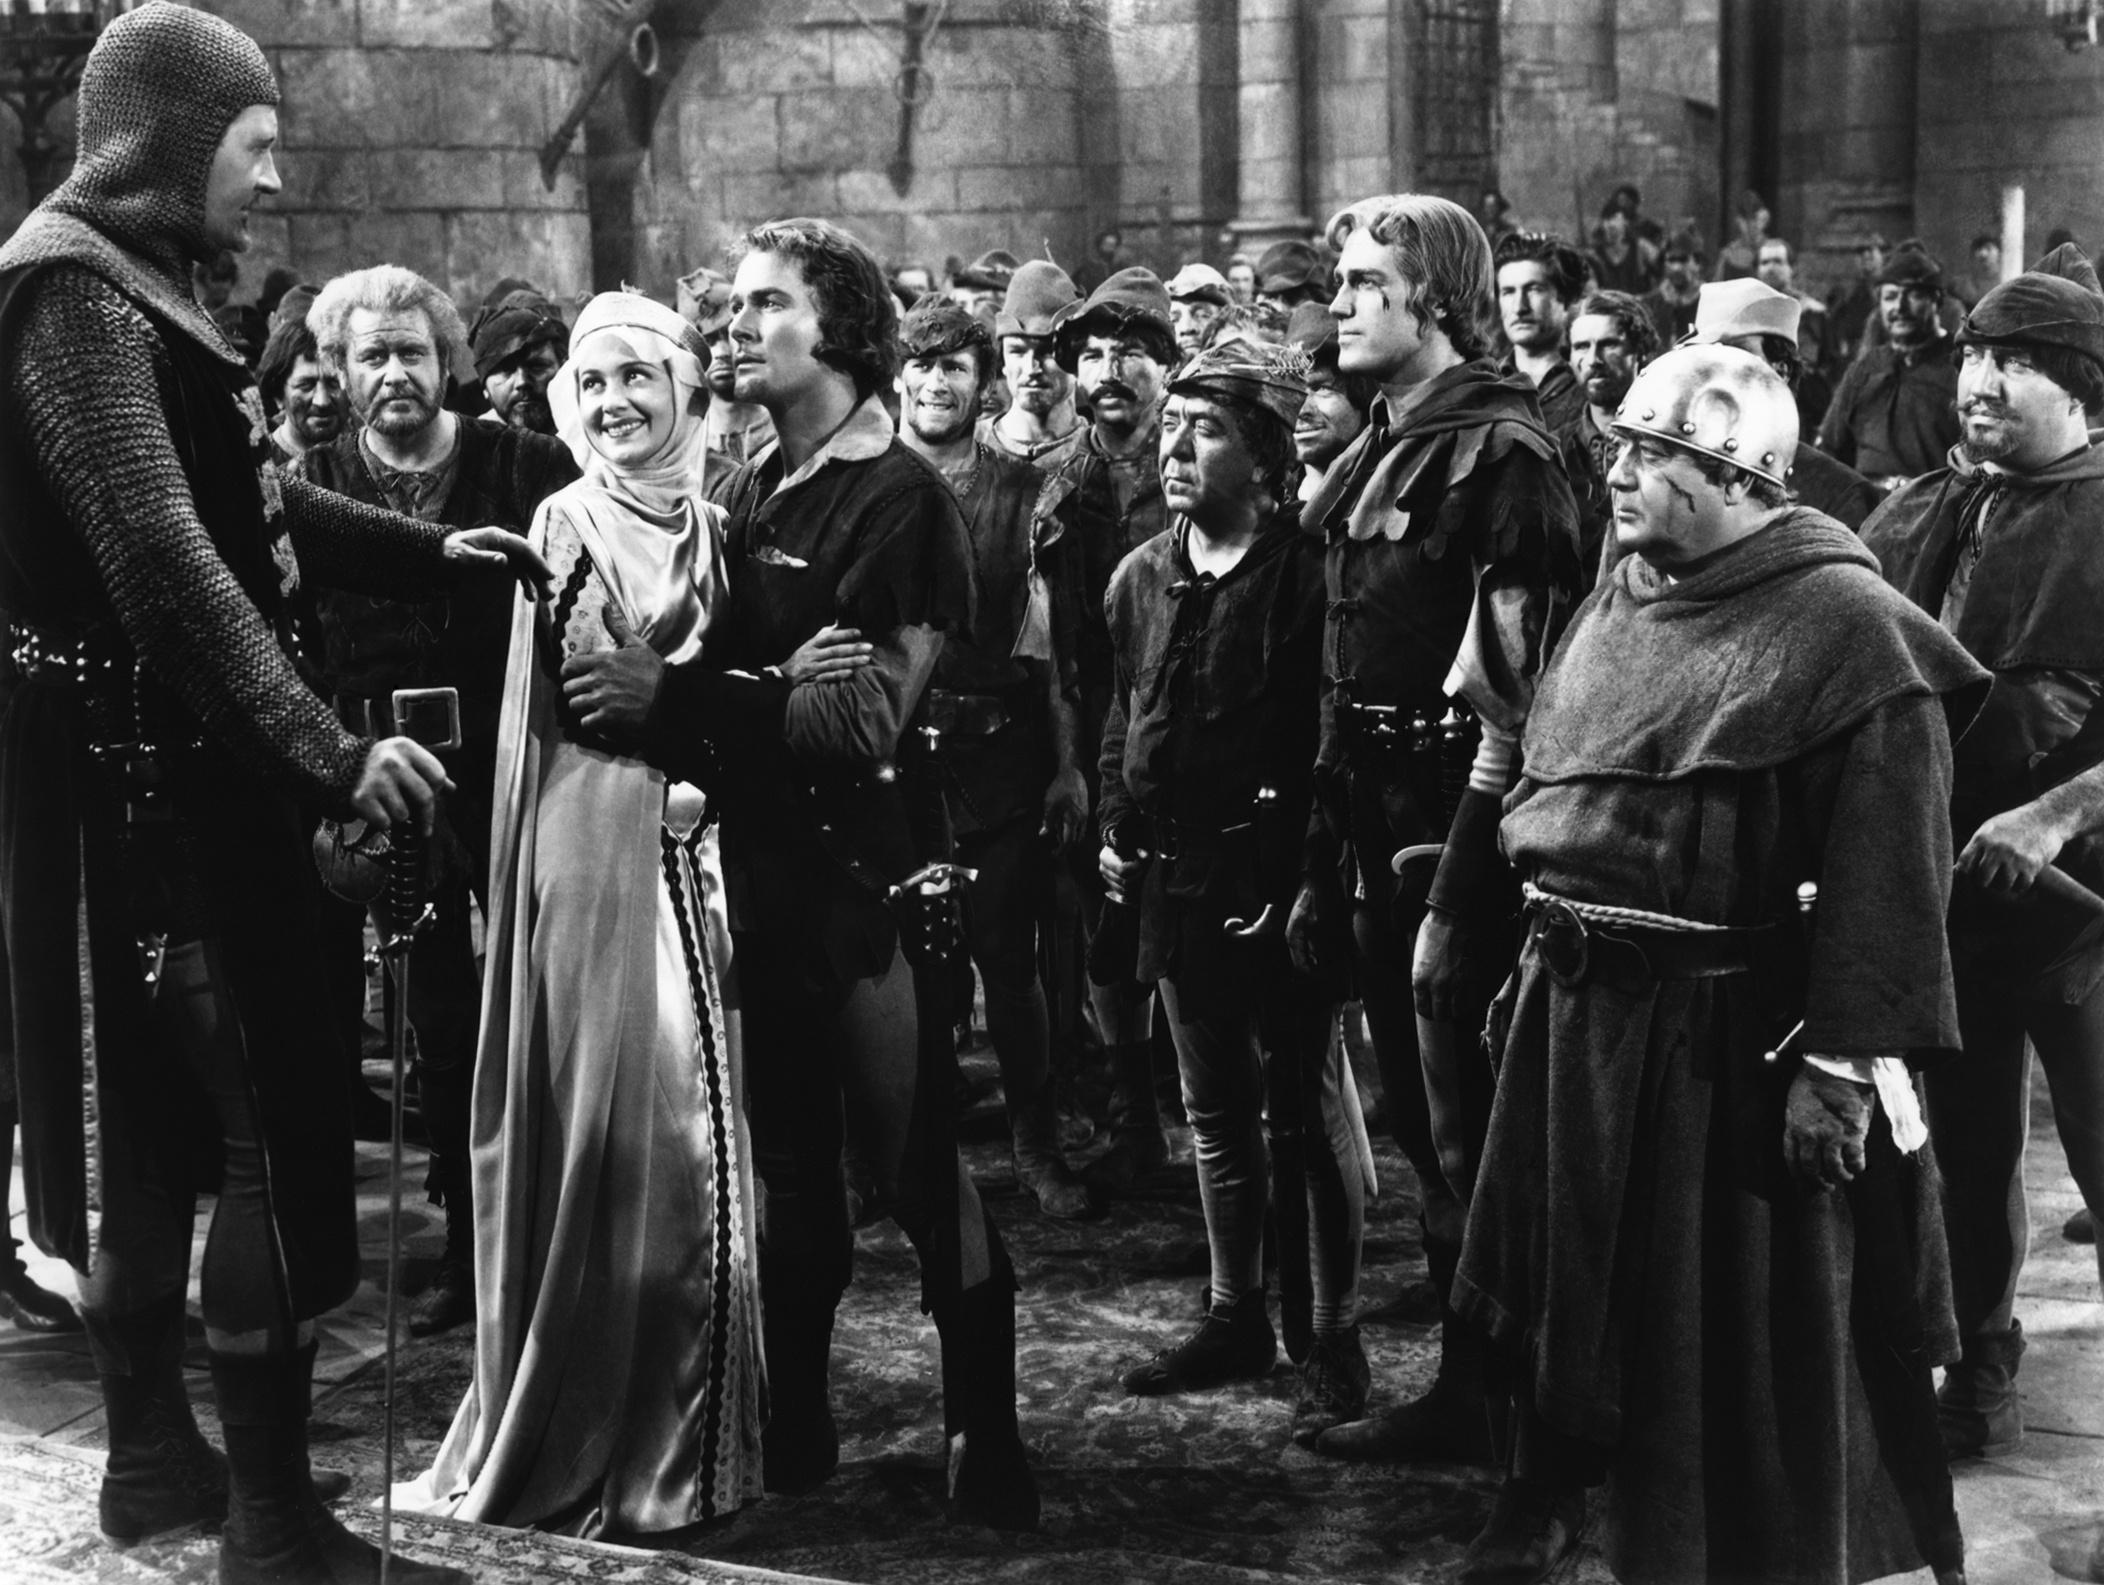 Ian Hunter, Alan Hale Sr., Olivia de Havilland, Errol Flynn, Herbert Mundin, Patric Knowles, Eugene Pallette